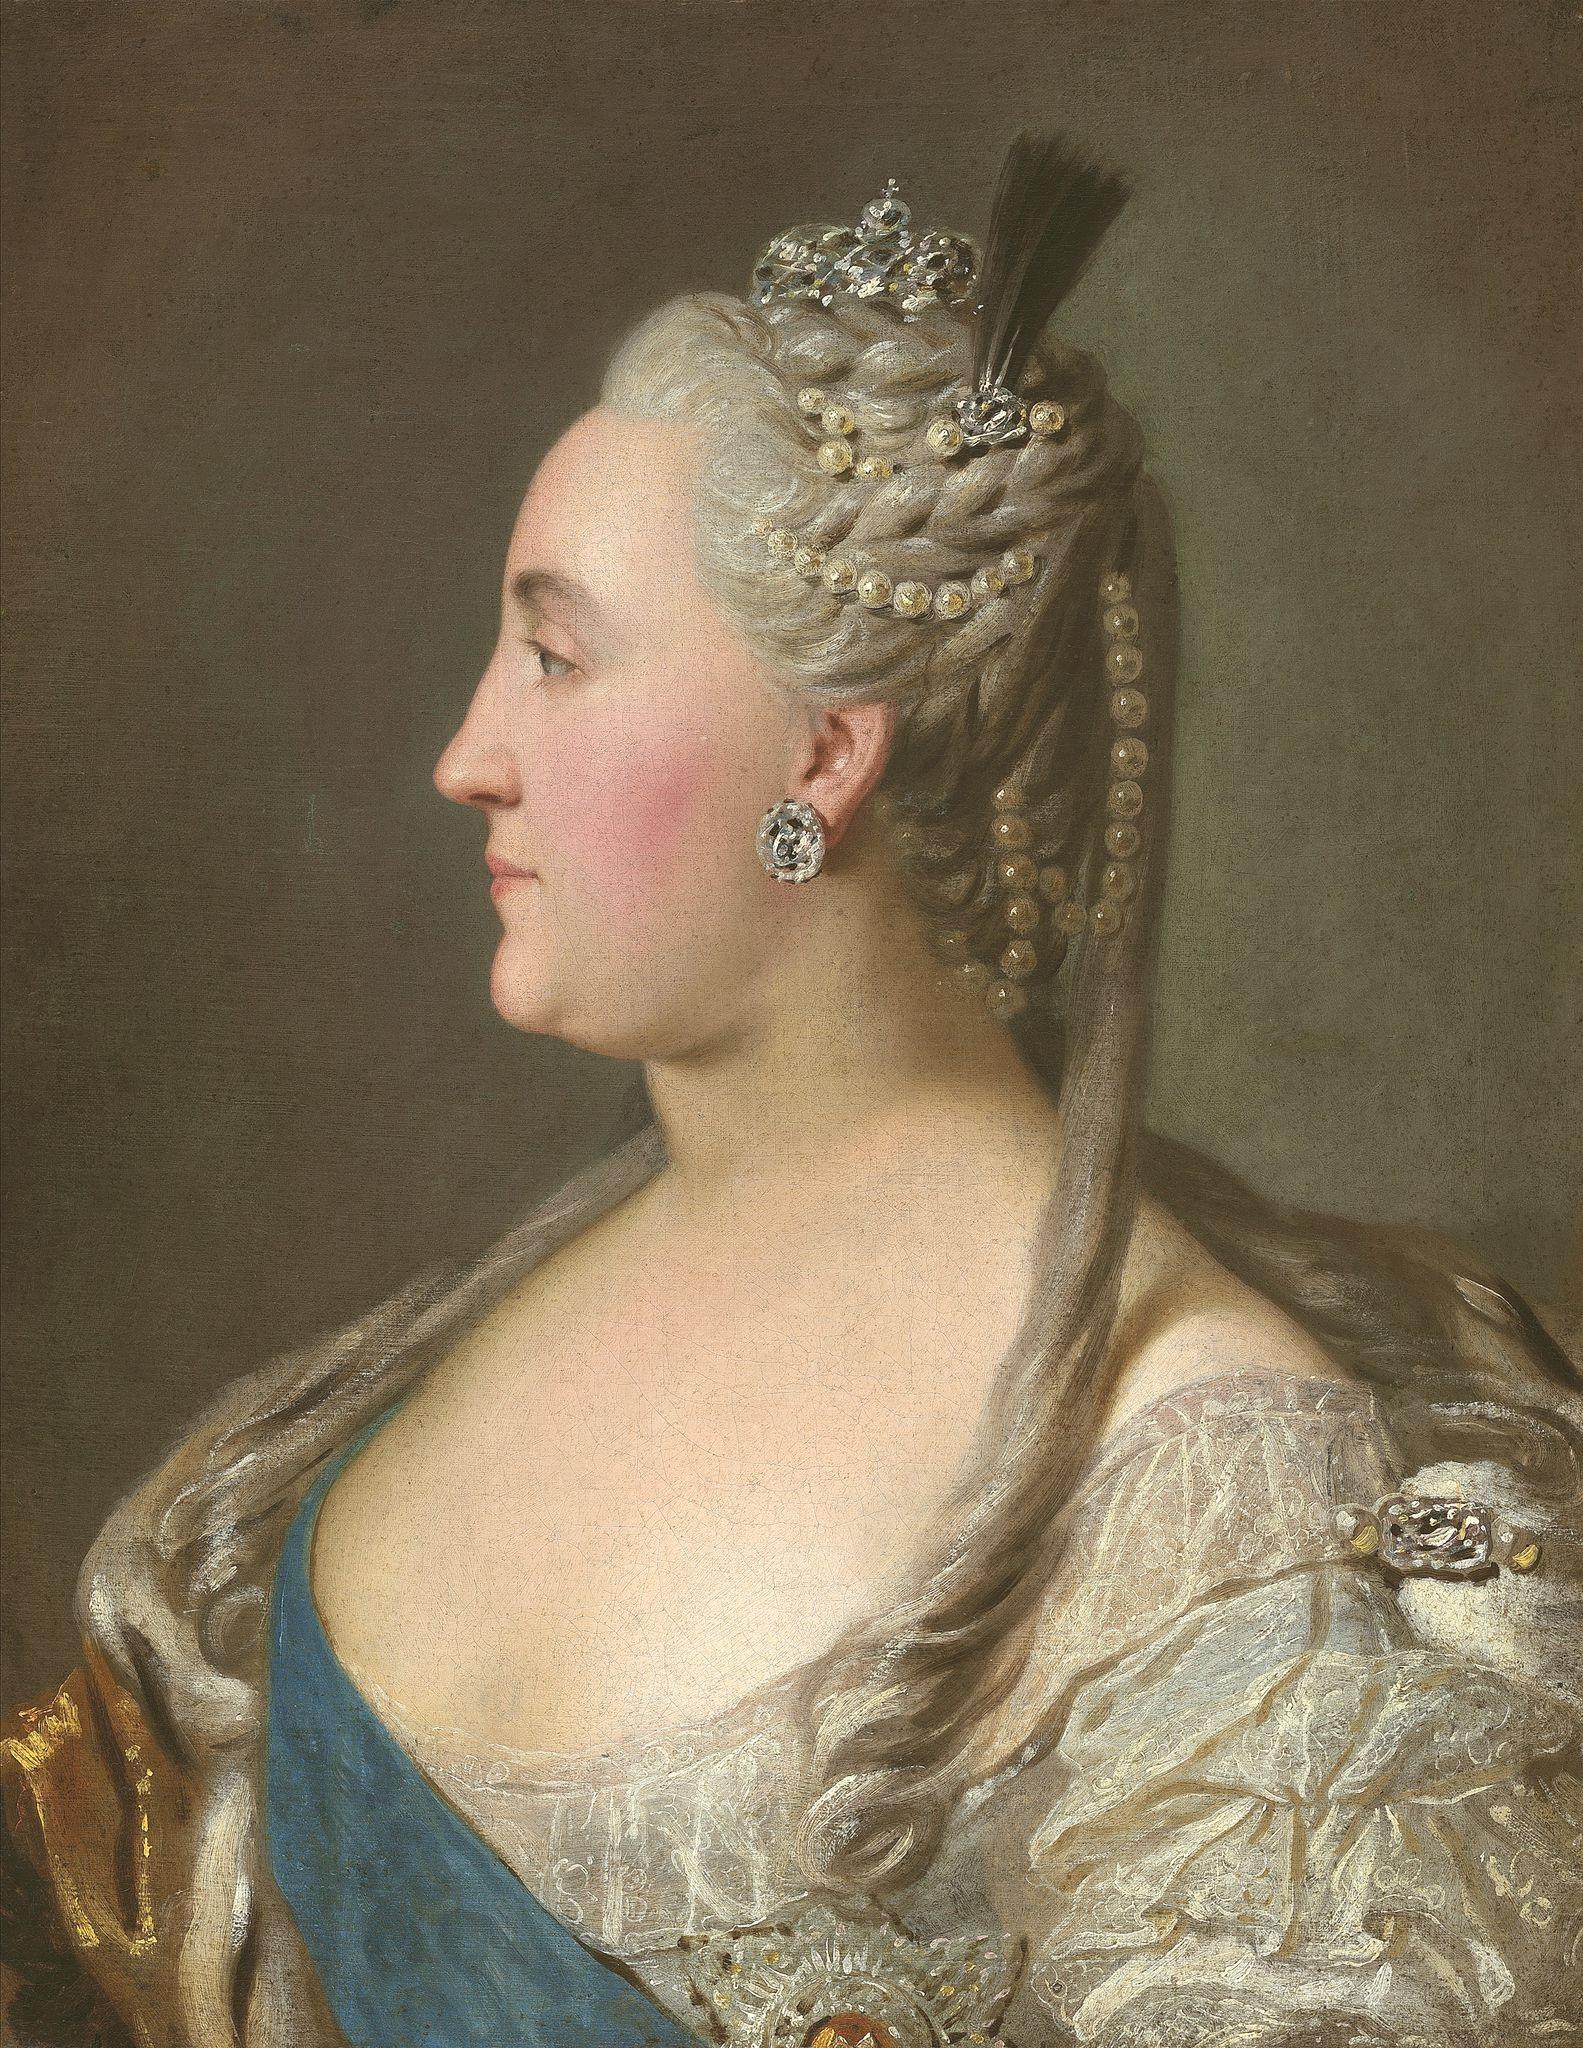 Екатерина 2 в образе афины